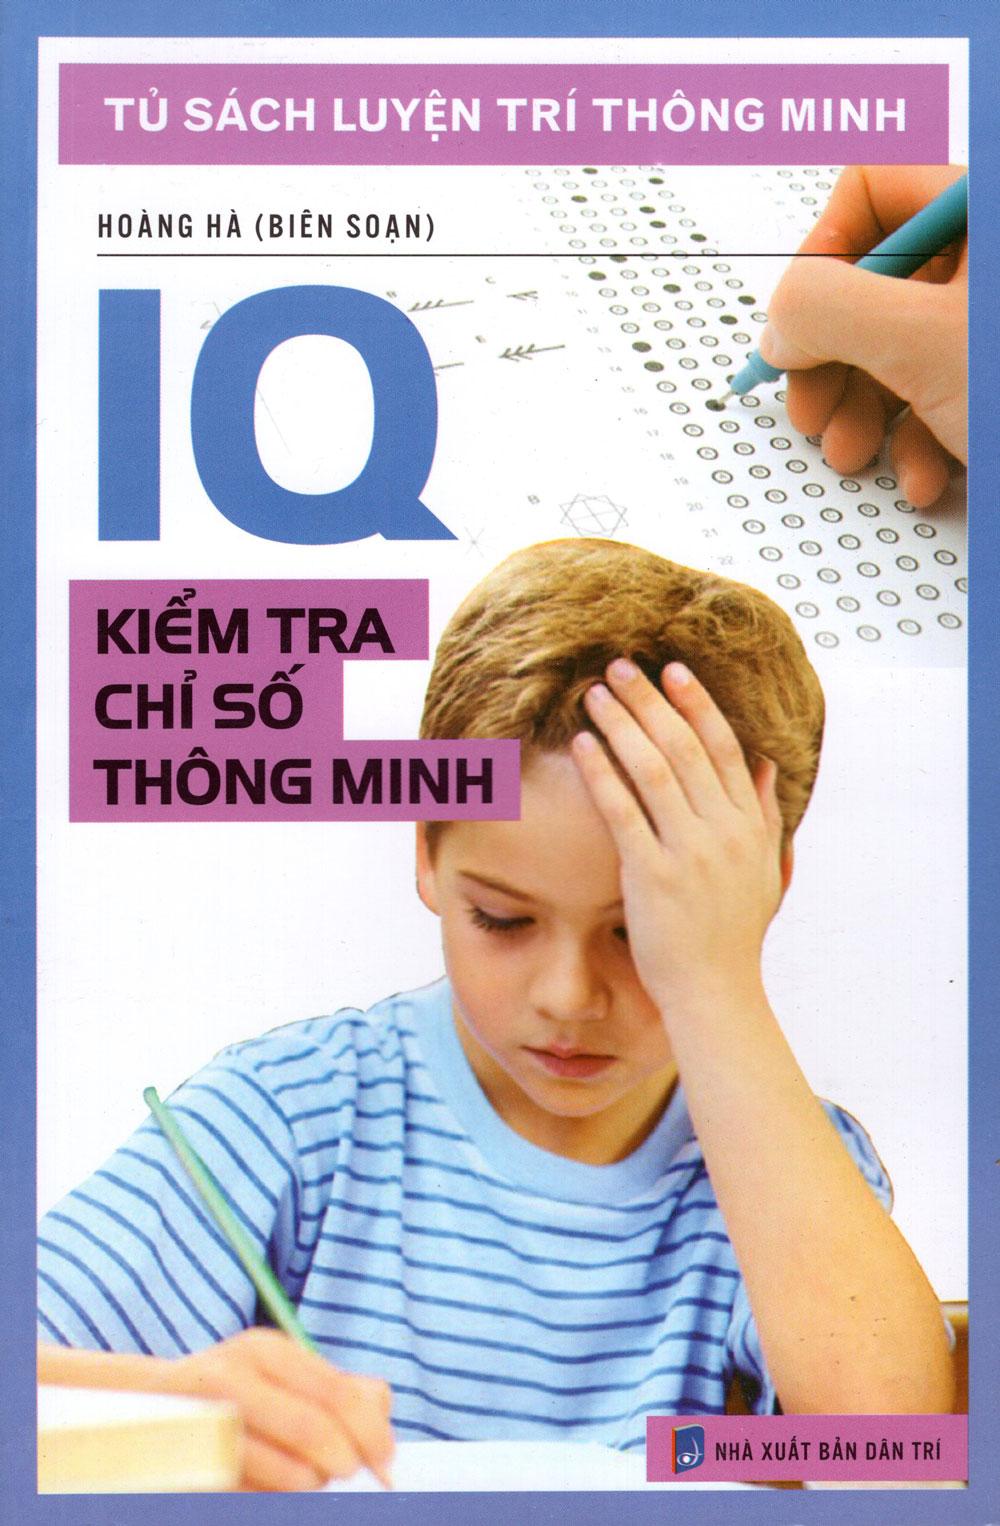 Bìa sách Tủ Sách Luyện Trí Thông Minh - IQ Kiểm Tra Chỉ Số Thông Minh